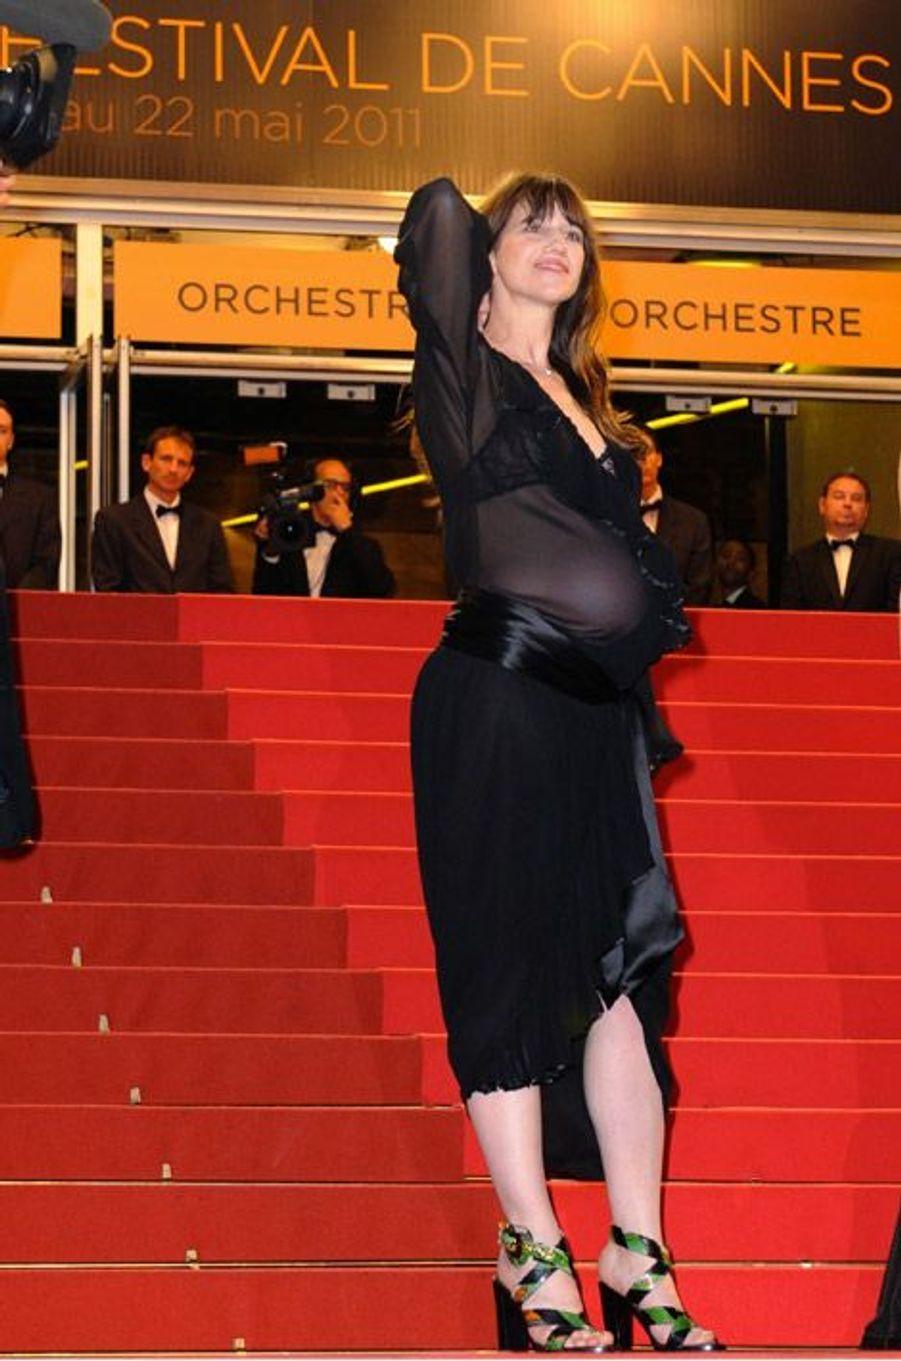 Enceinte dans une robe transparente pendant le Festival de Cannes en 2011